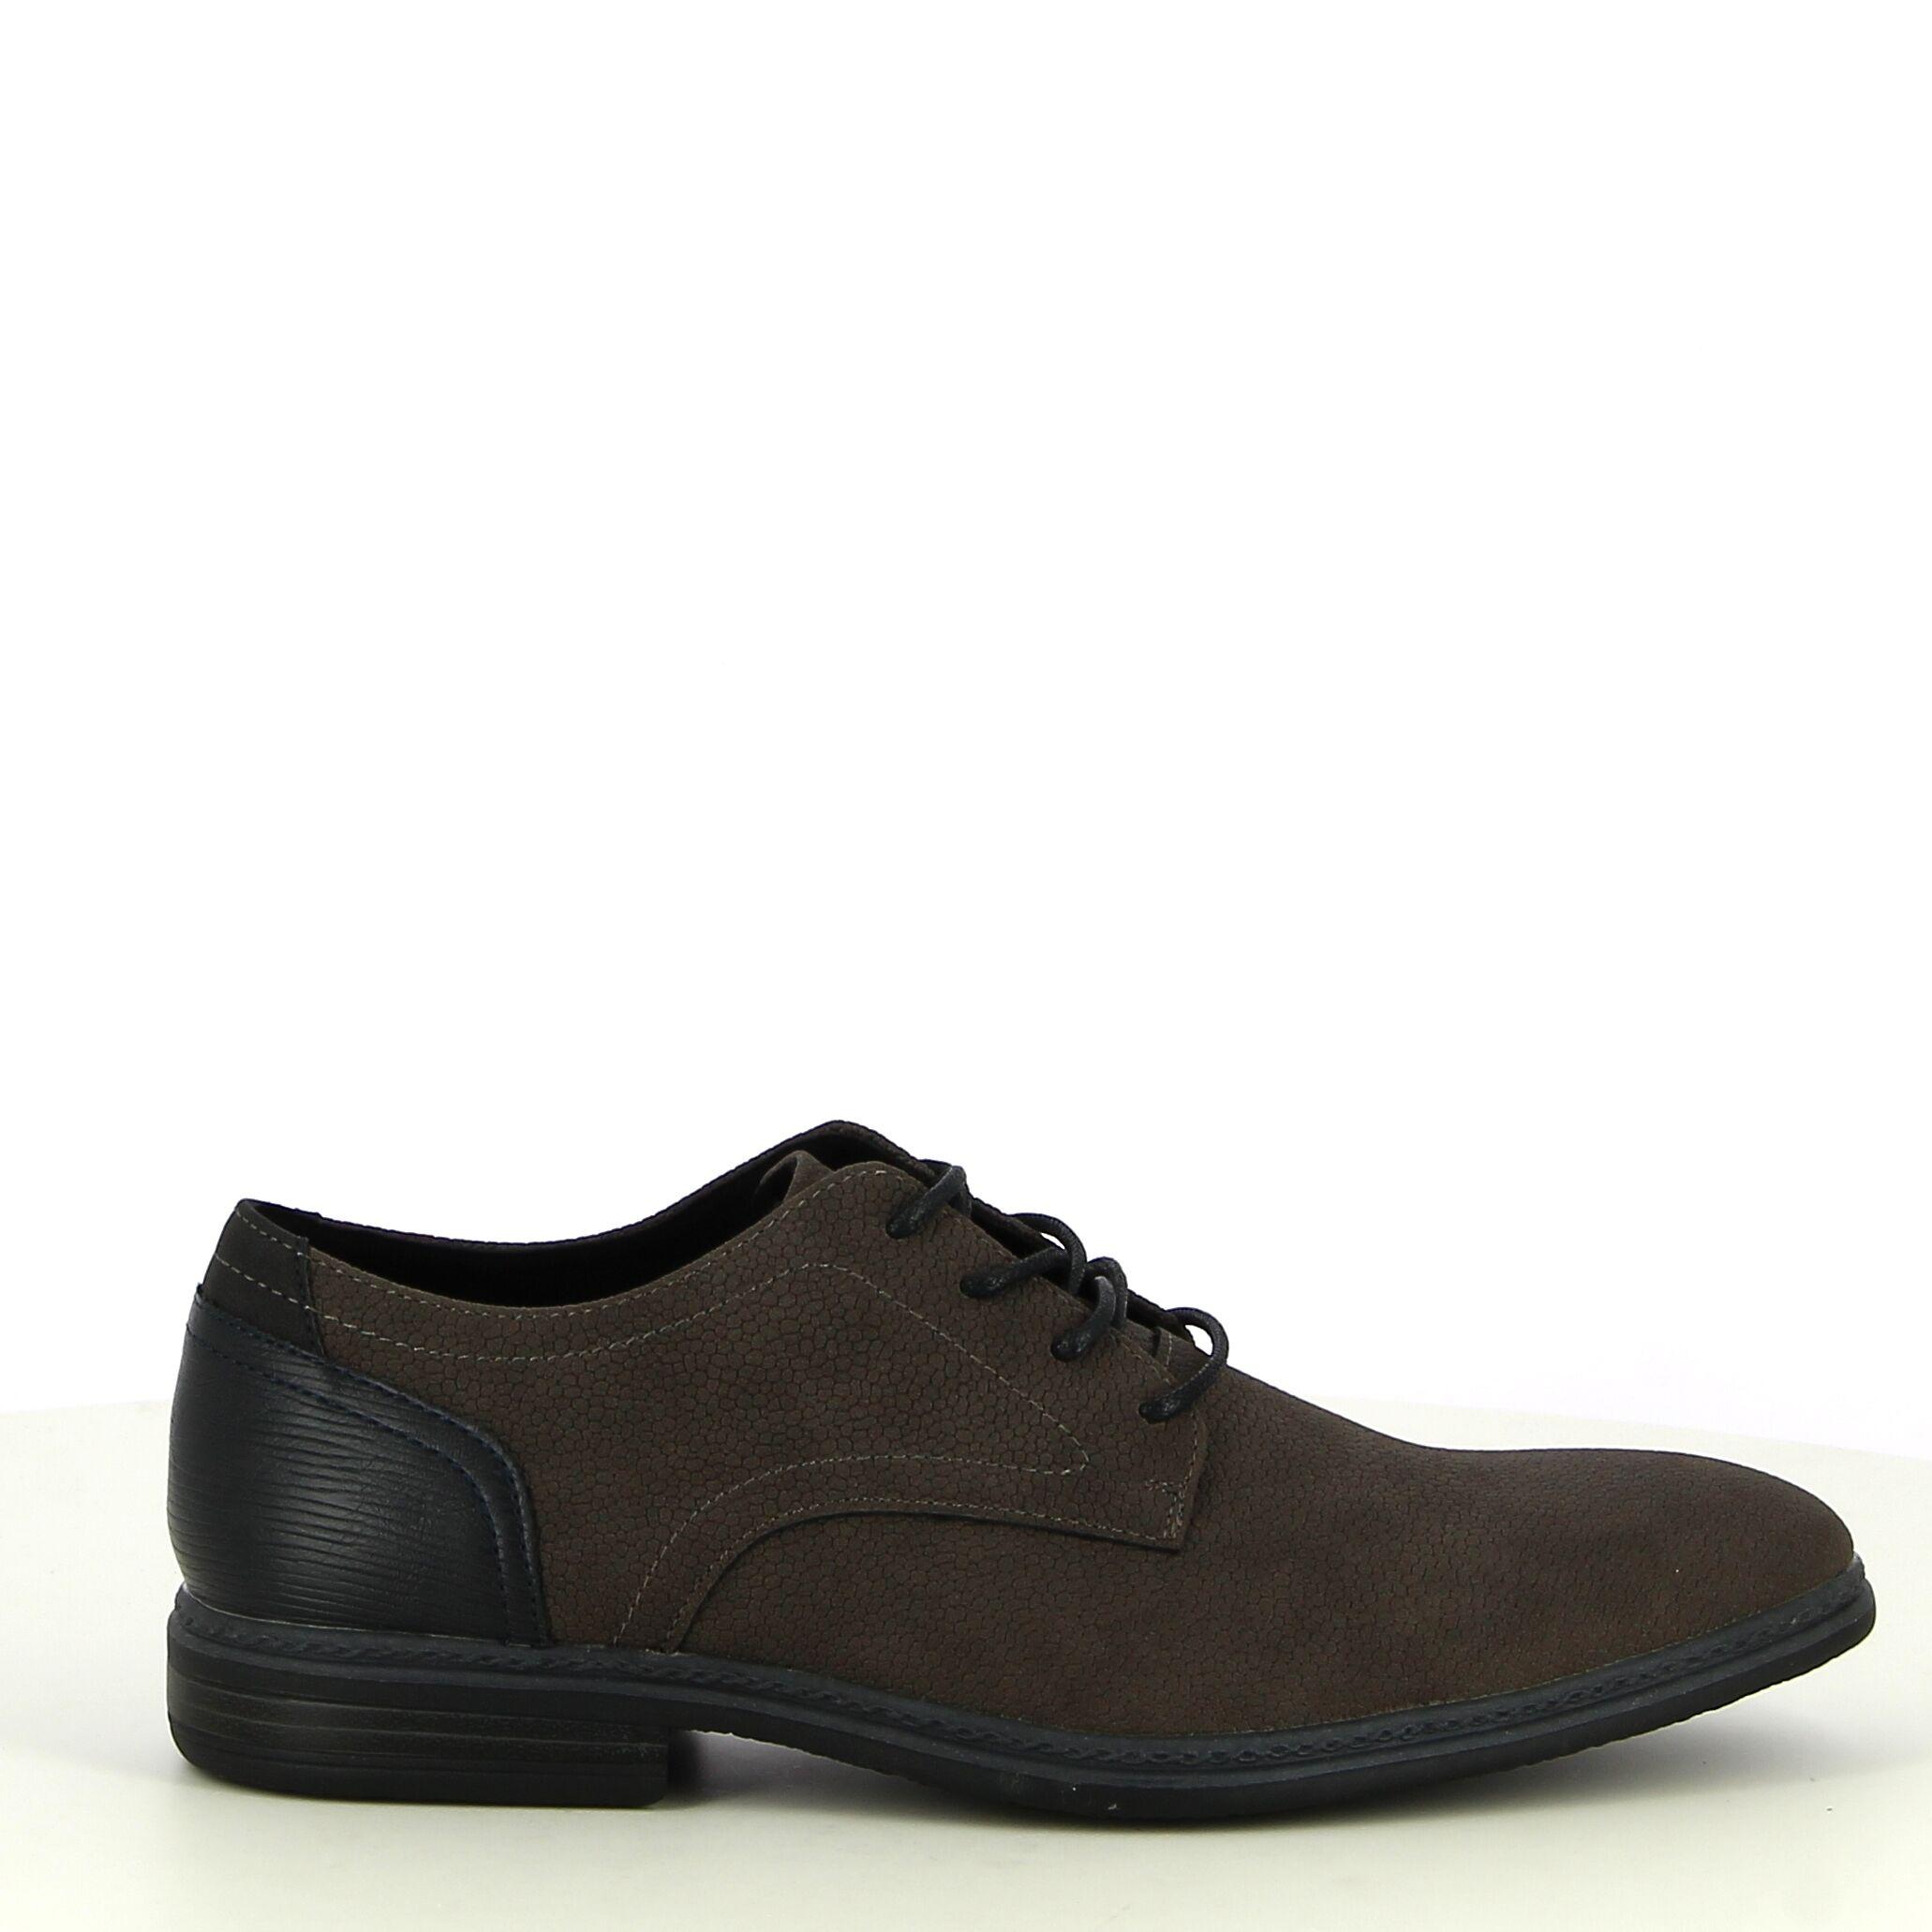 Ken Shoe Fashion - Grijs - Veterschoen